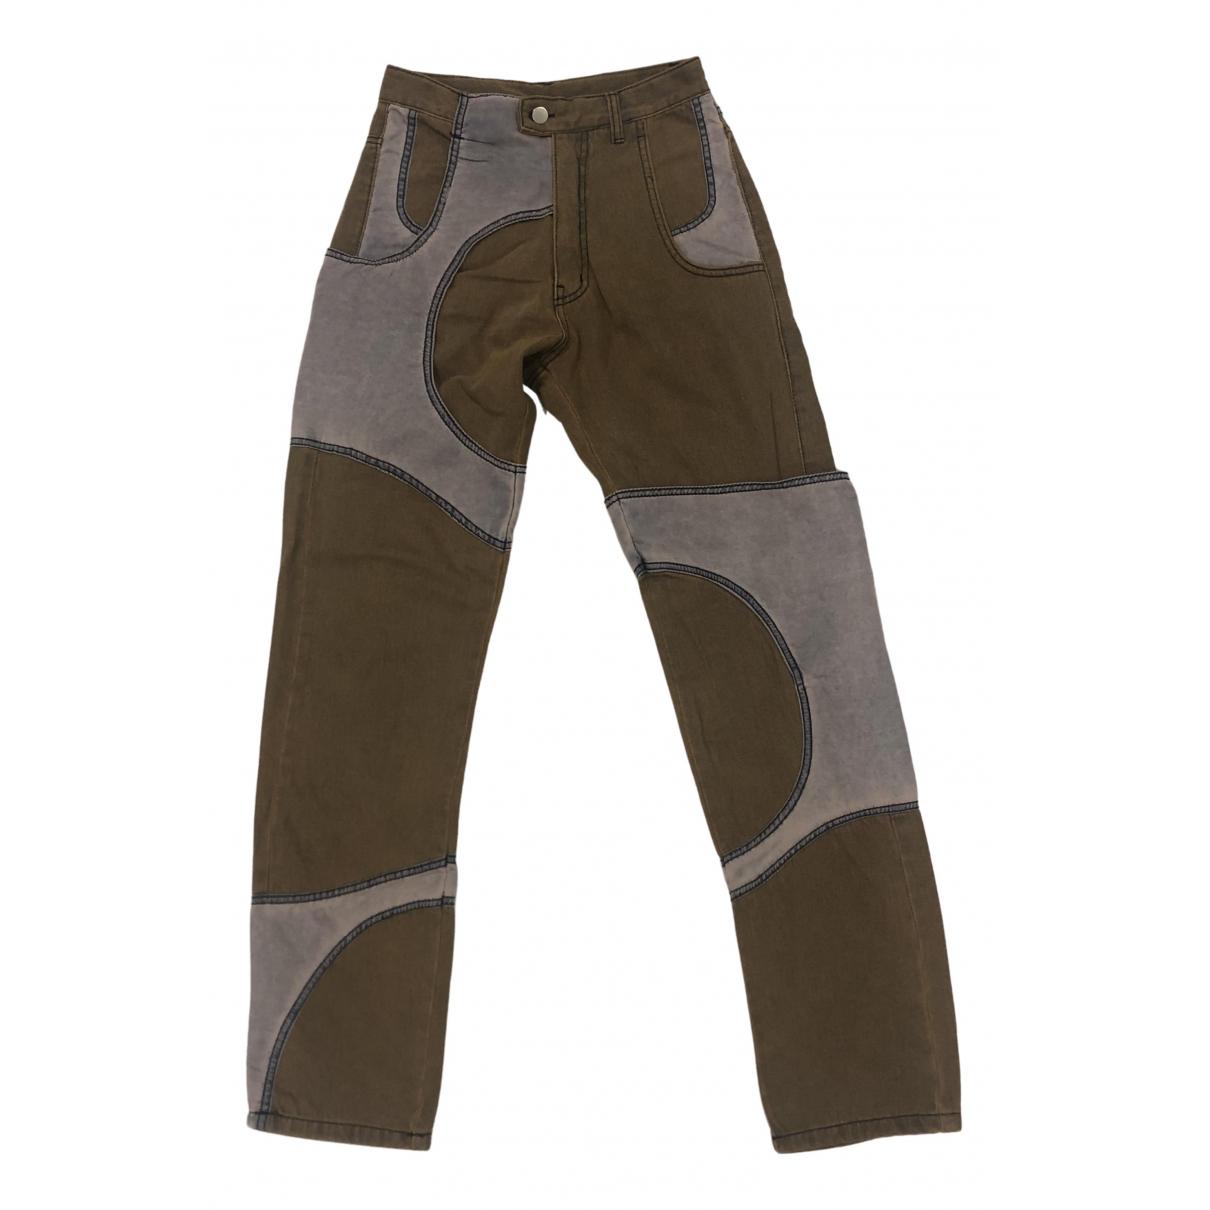 Myob Nyc \N Brown Denim - Jeans Jeans for Women 29 US